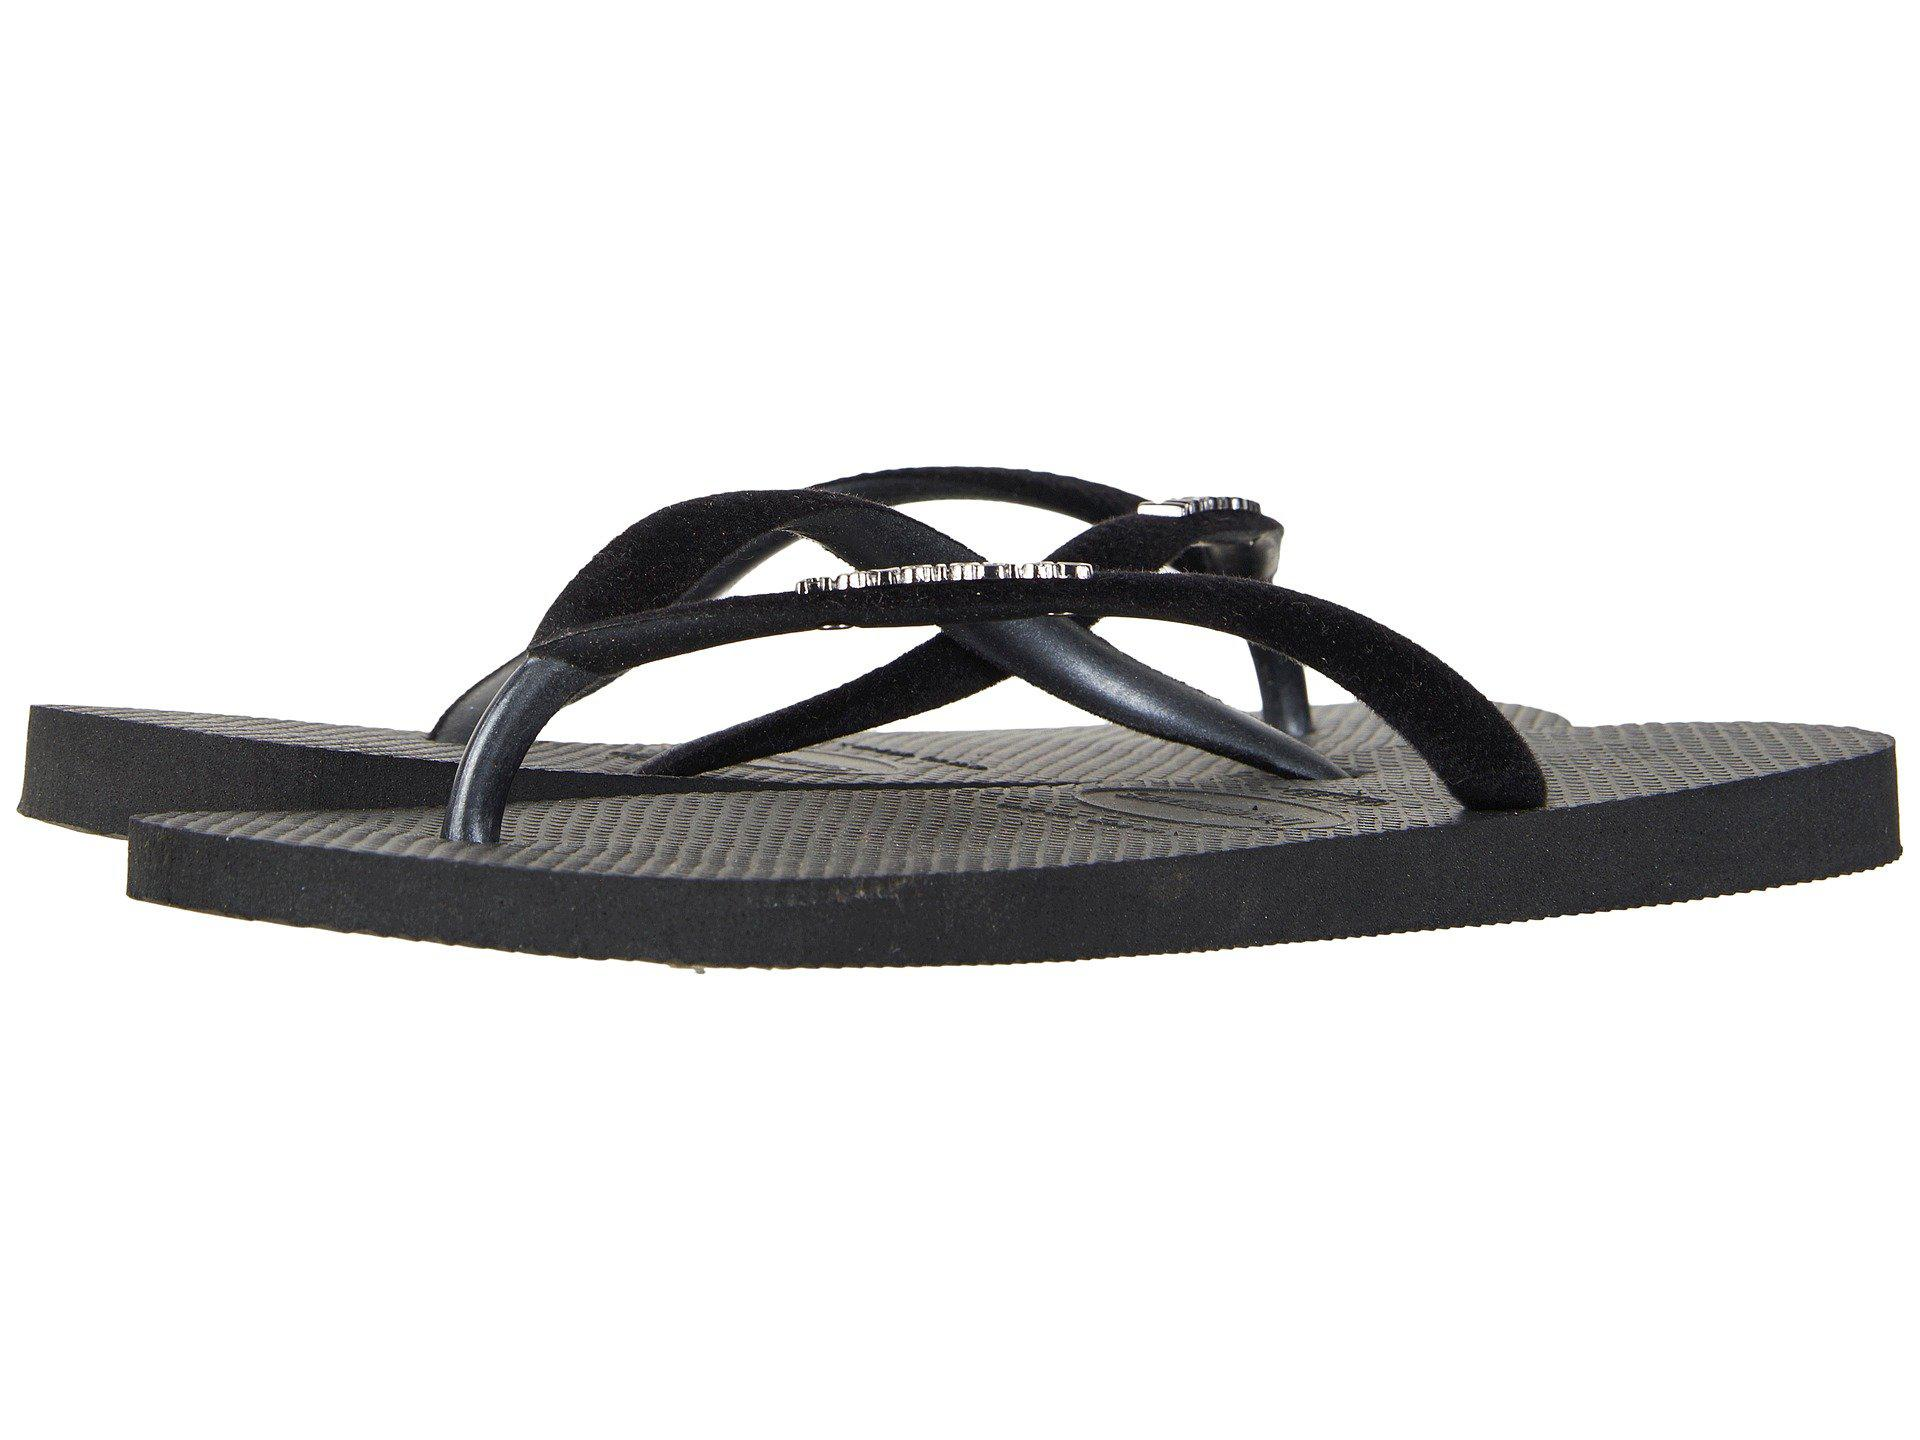 Lyst - Havaianas Slim Velvet Flip-Flops In Black-2359